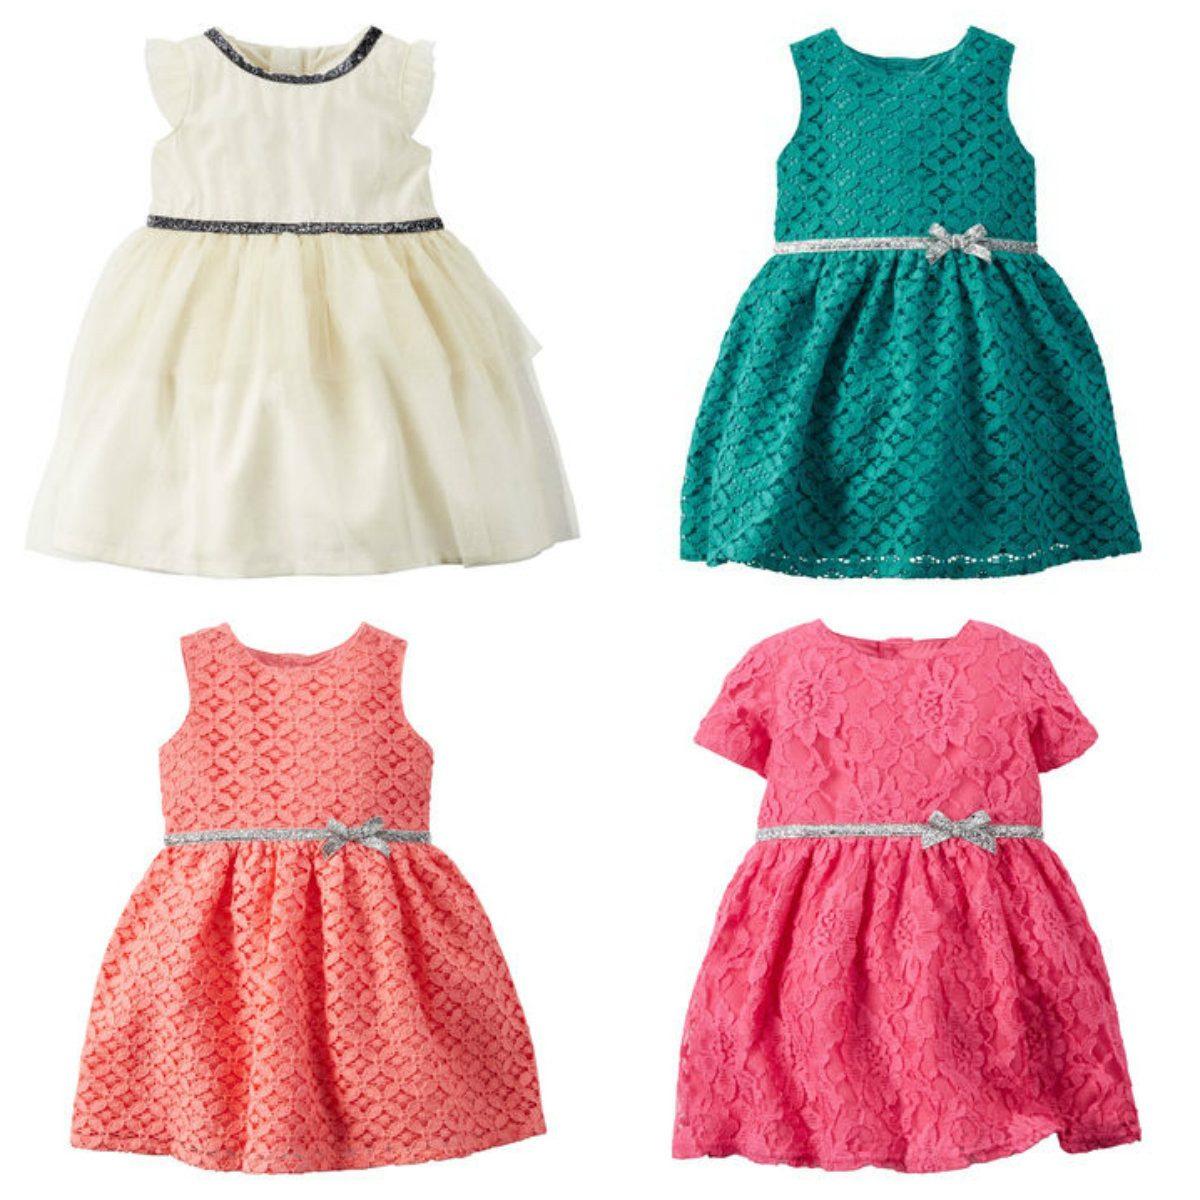 722ef5067 1 Vestido Carters Ropa Bebe Niña Conjuntos     -   299.00 en Mercado ...